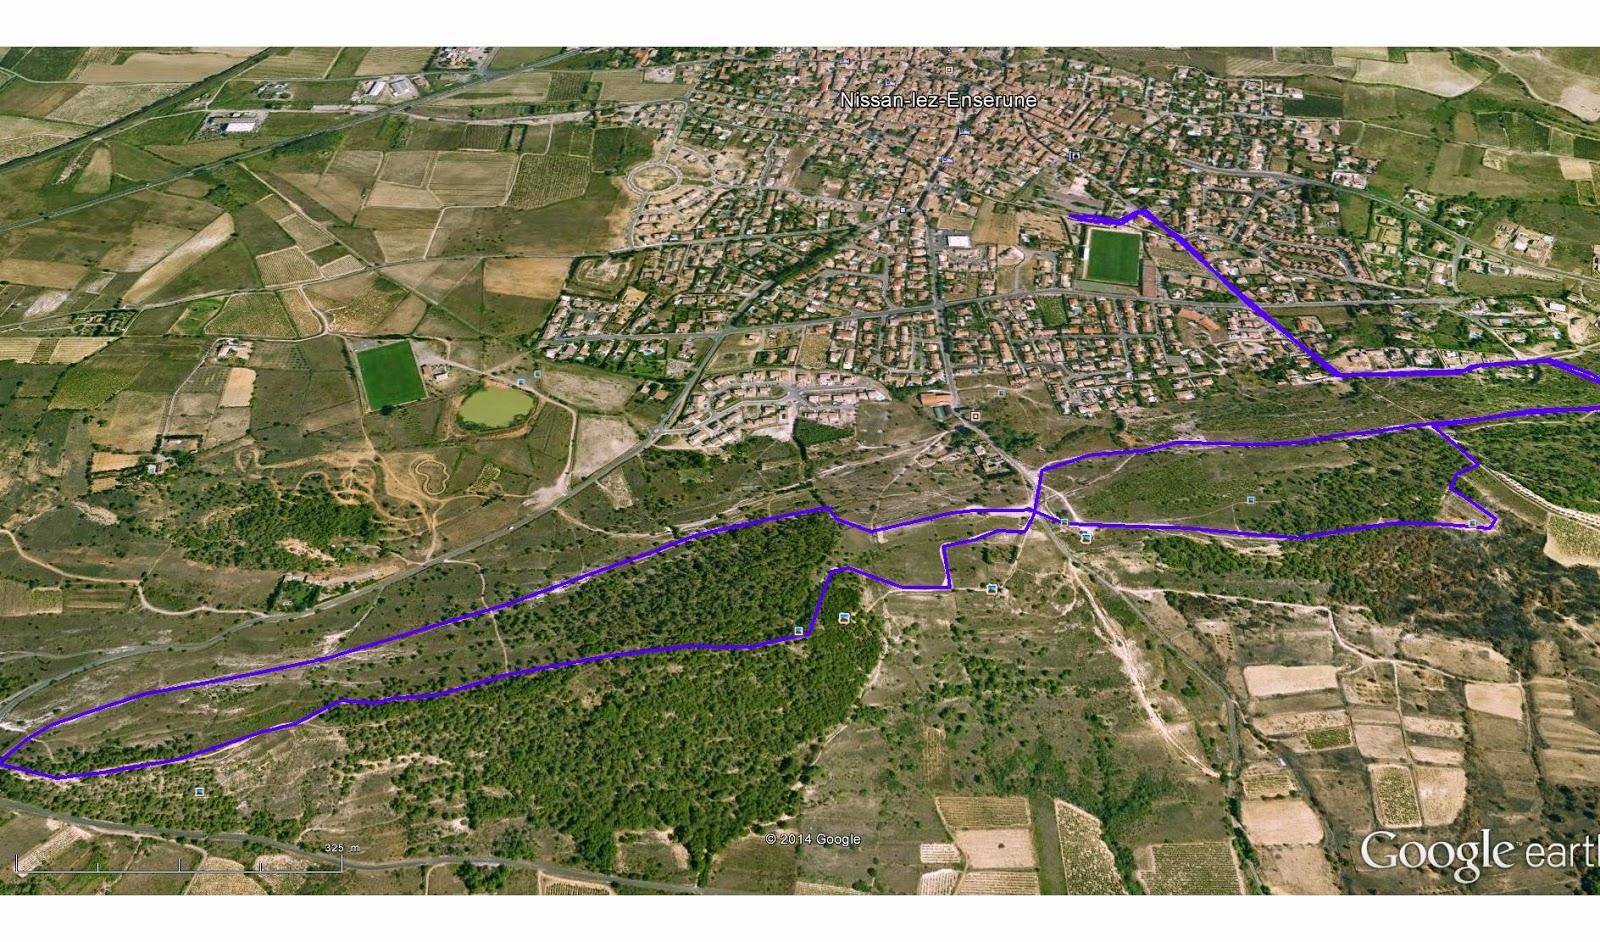 http://ecoledenissan.blogspot.fr/p/sport.html